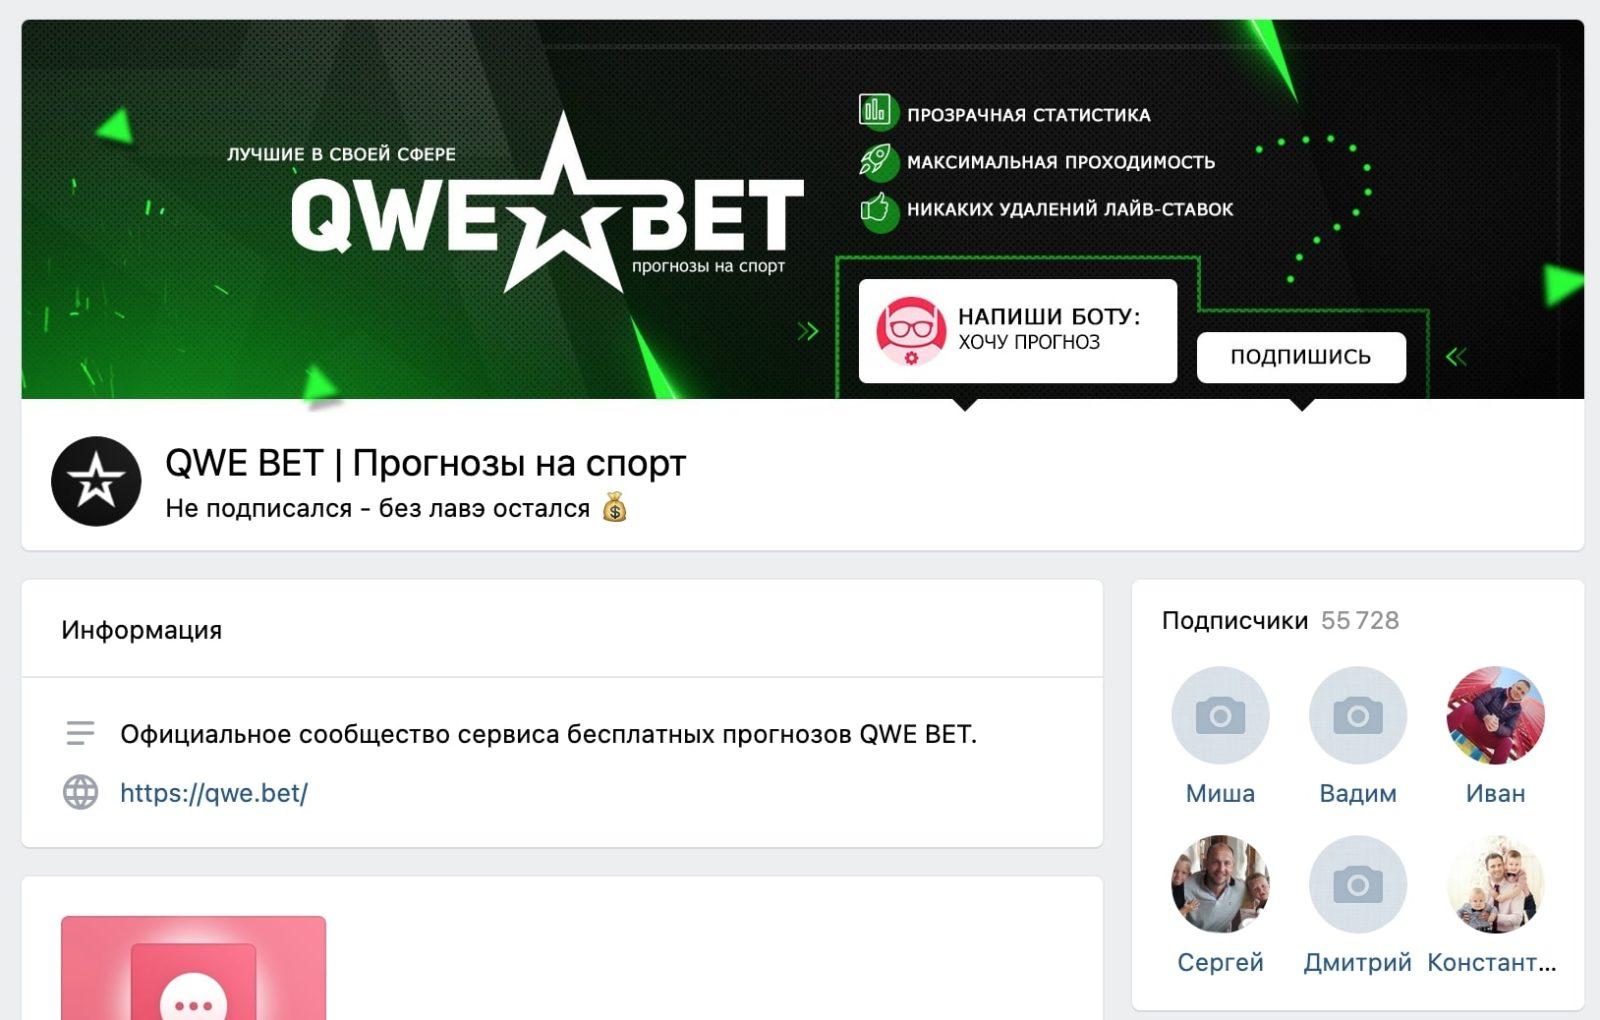 Группа ВК Qwe.bet (Квебет)